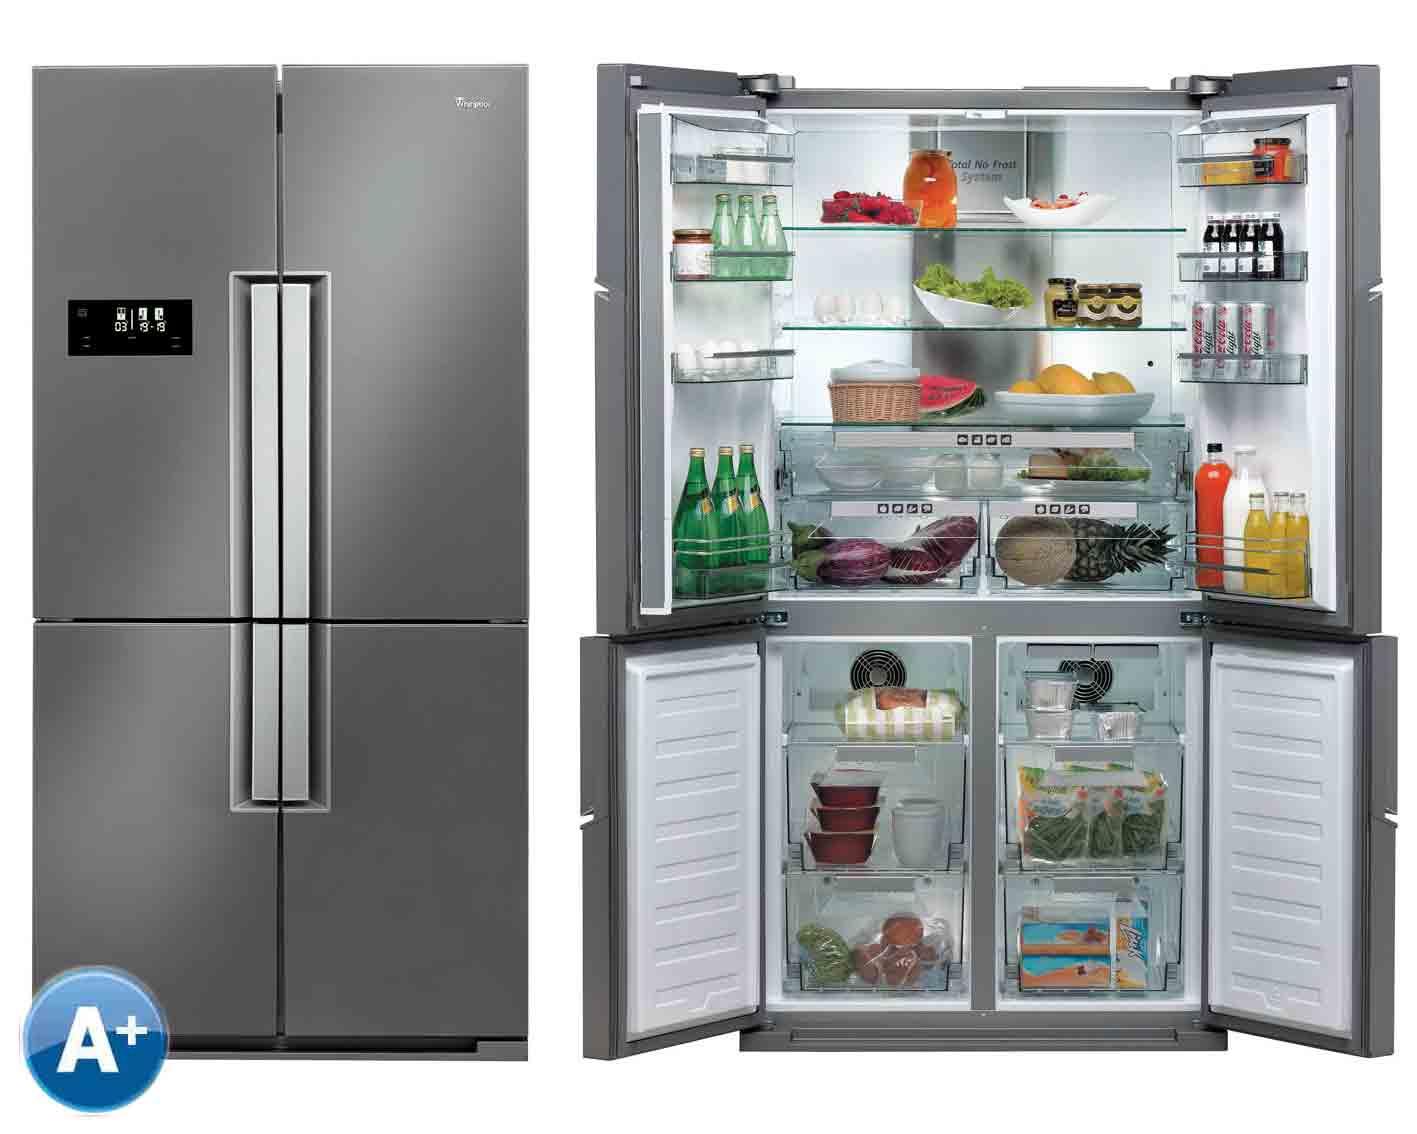 Aeg Kühlschrank Mit Getränkelade : Aeg kühlschrank mit kellerfach kühlschrank test sieger der